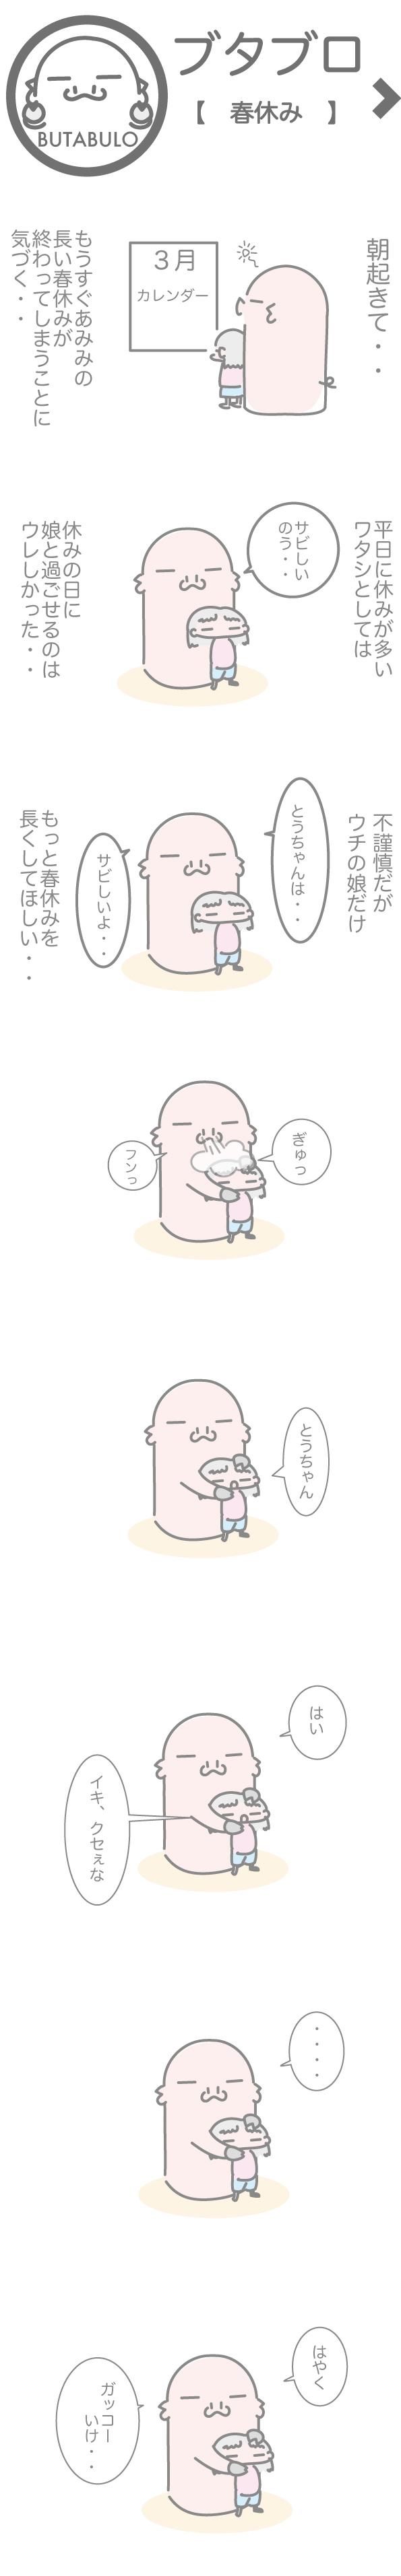 ネタ春休みブログ